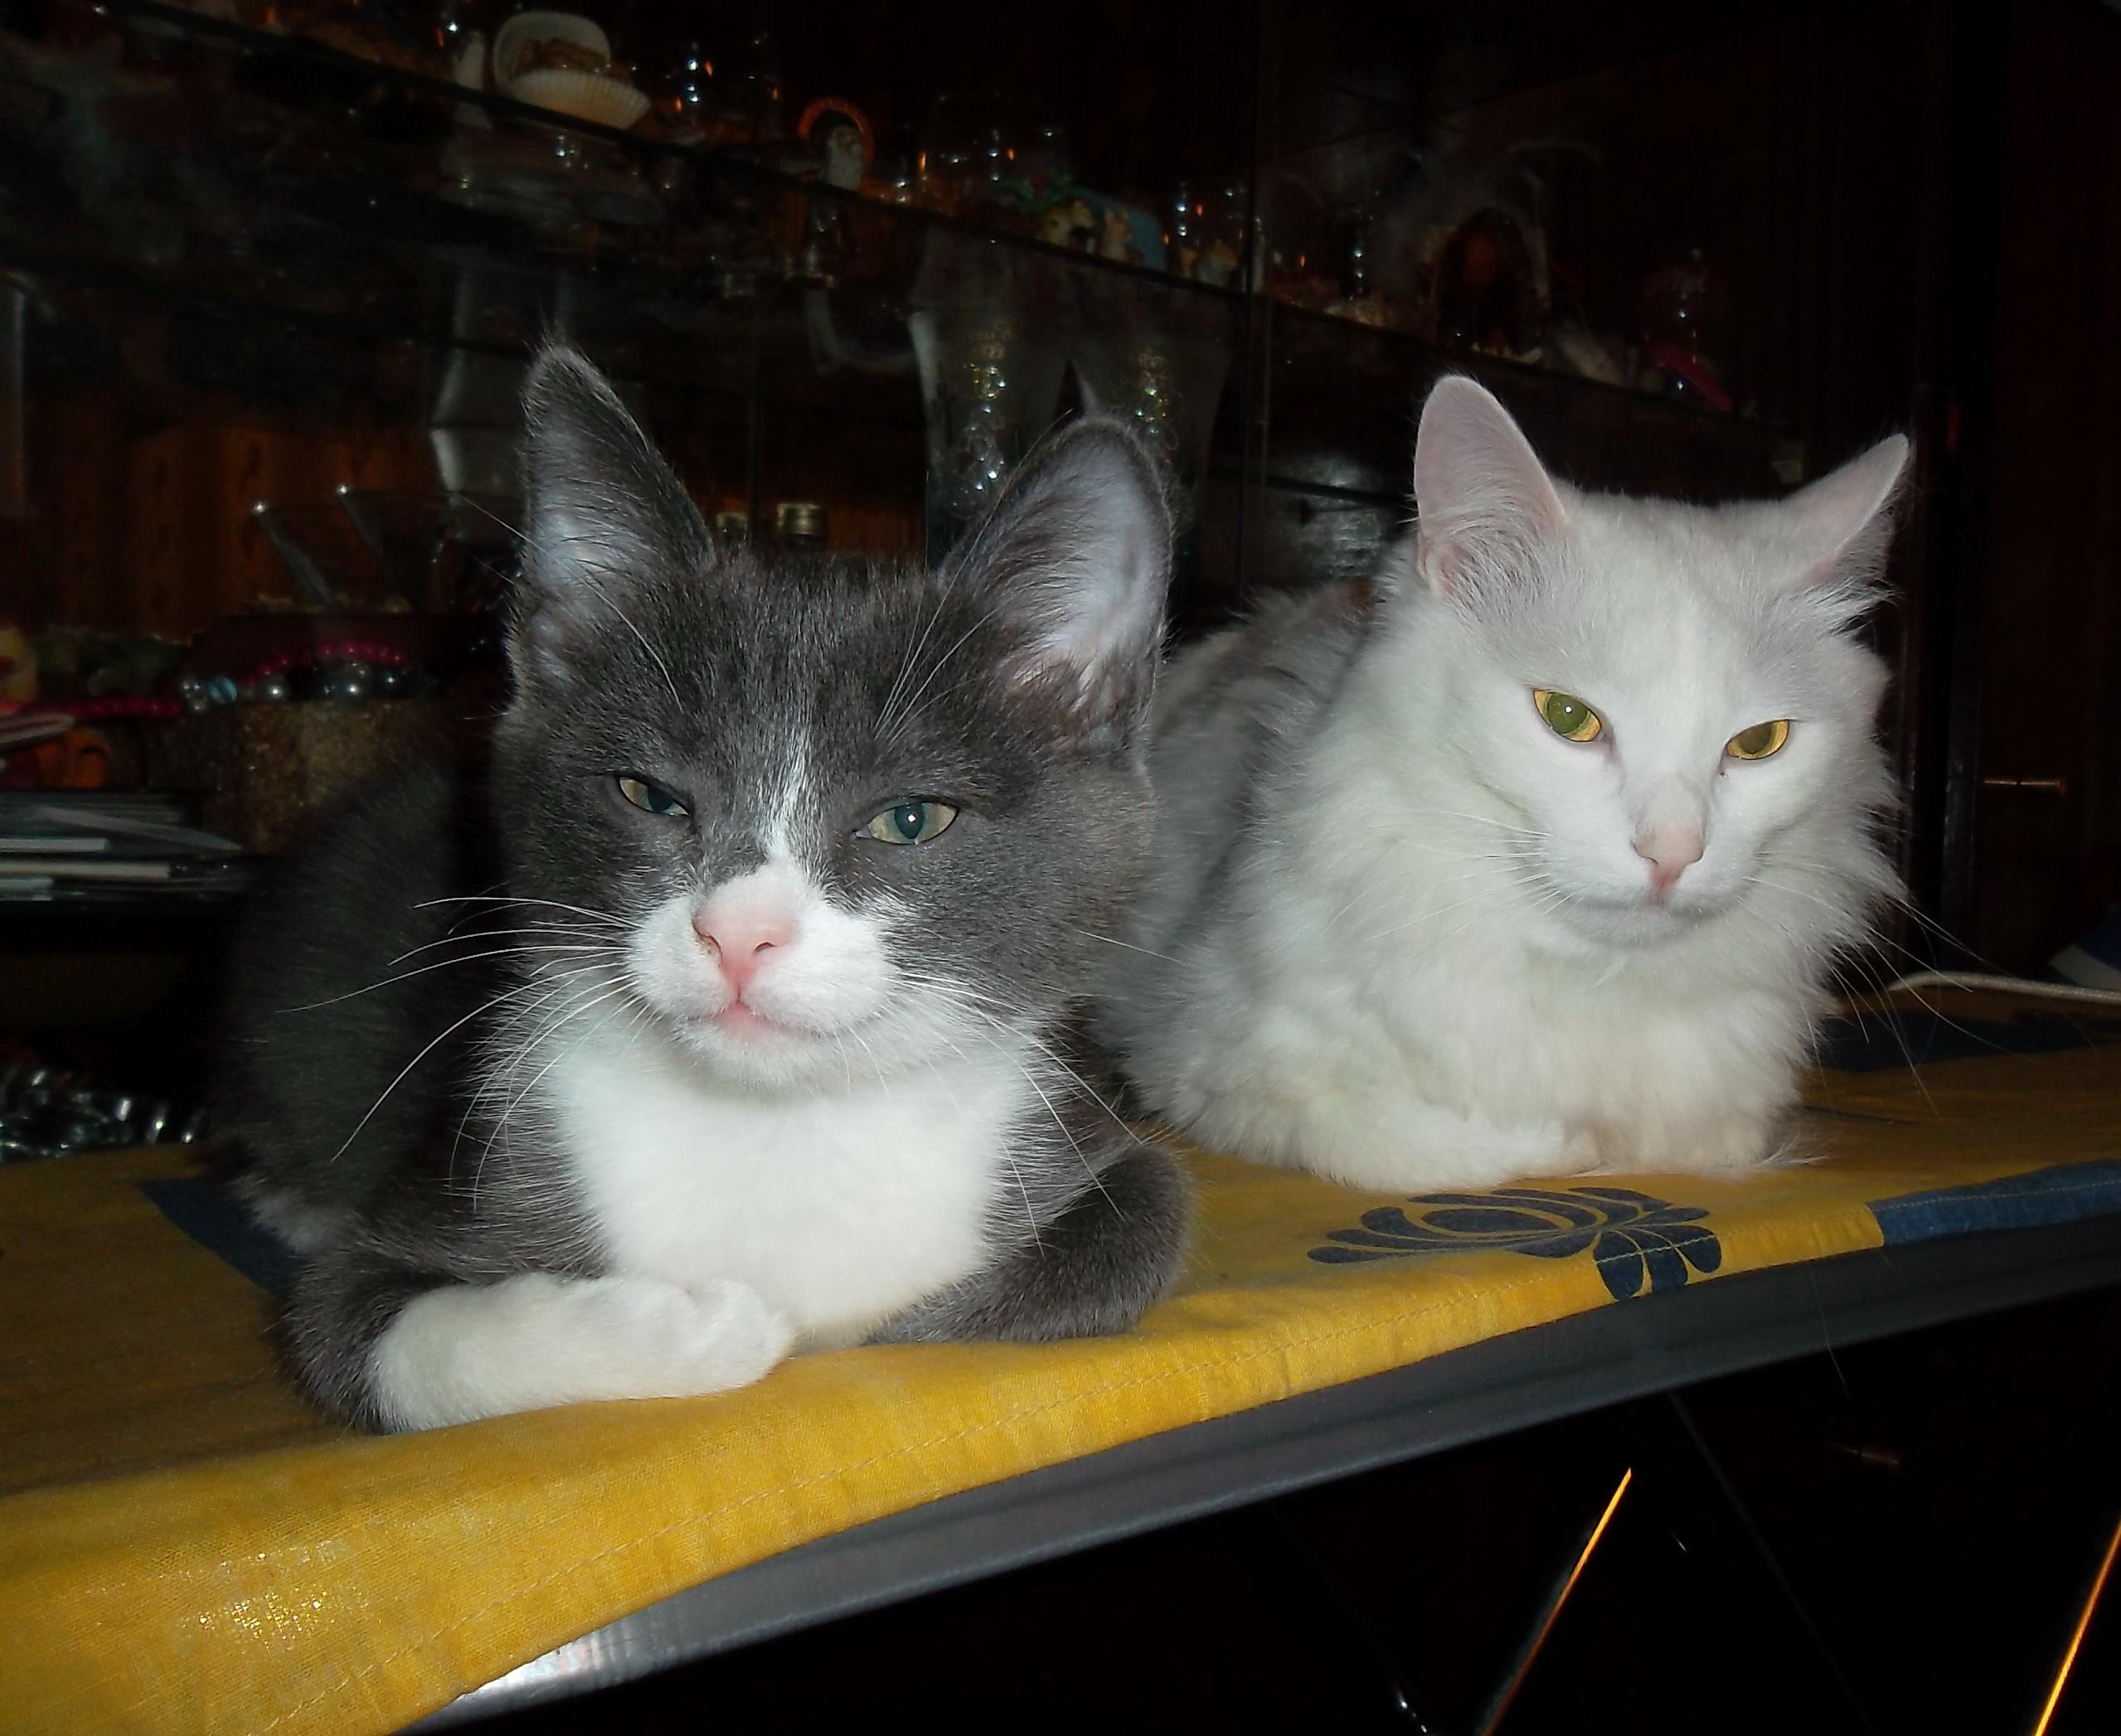 Завела двоих котов...  Да, погоряч...